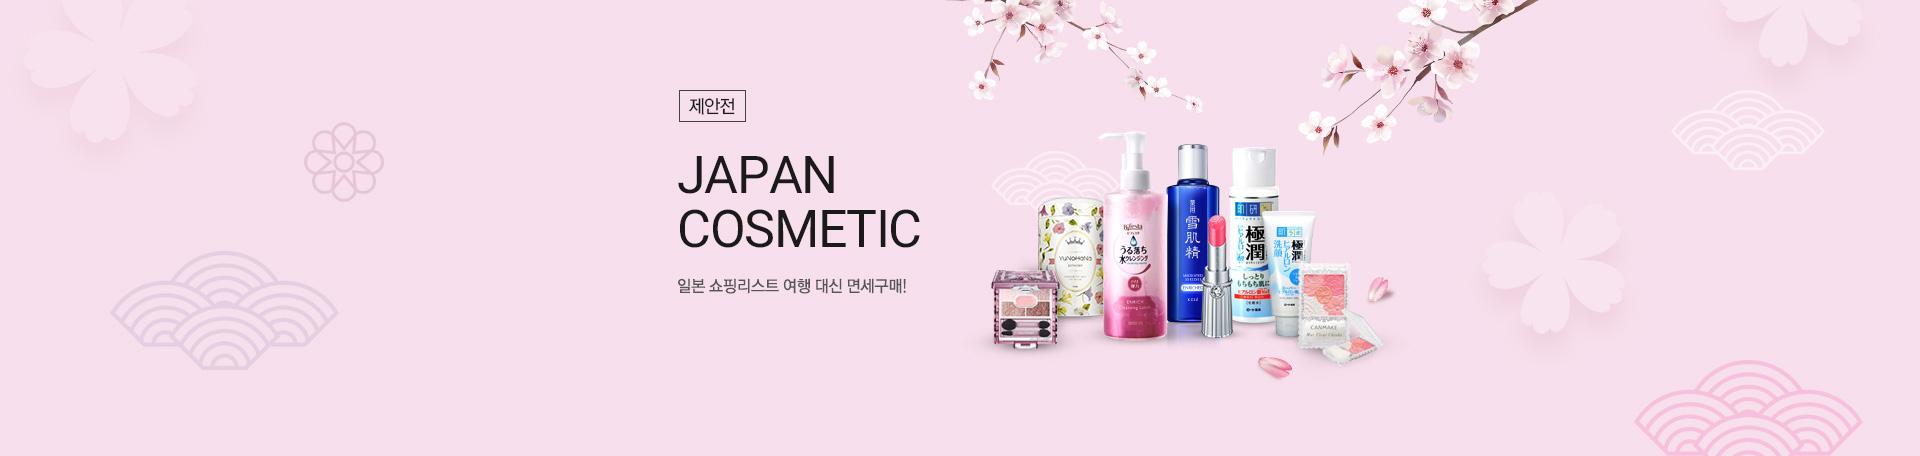 JAPAN COSMETIC